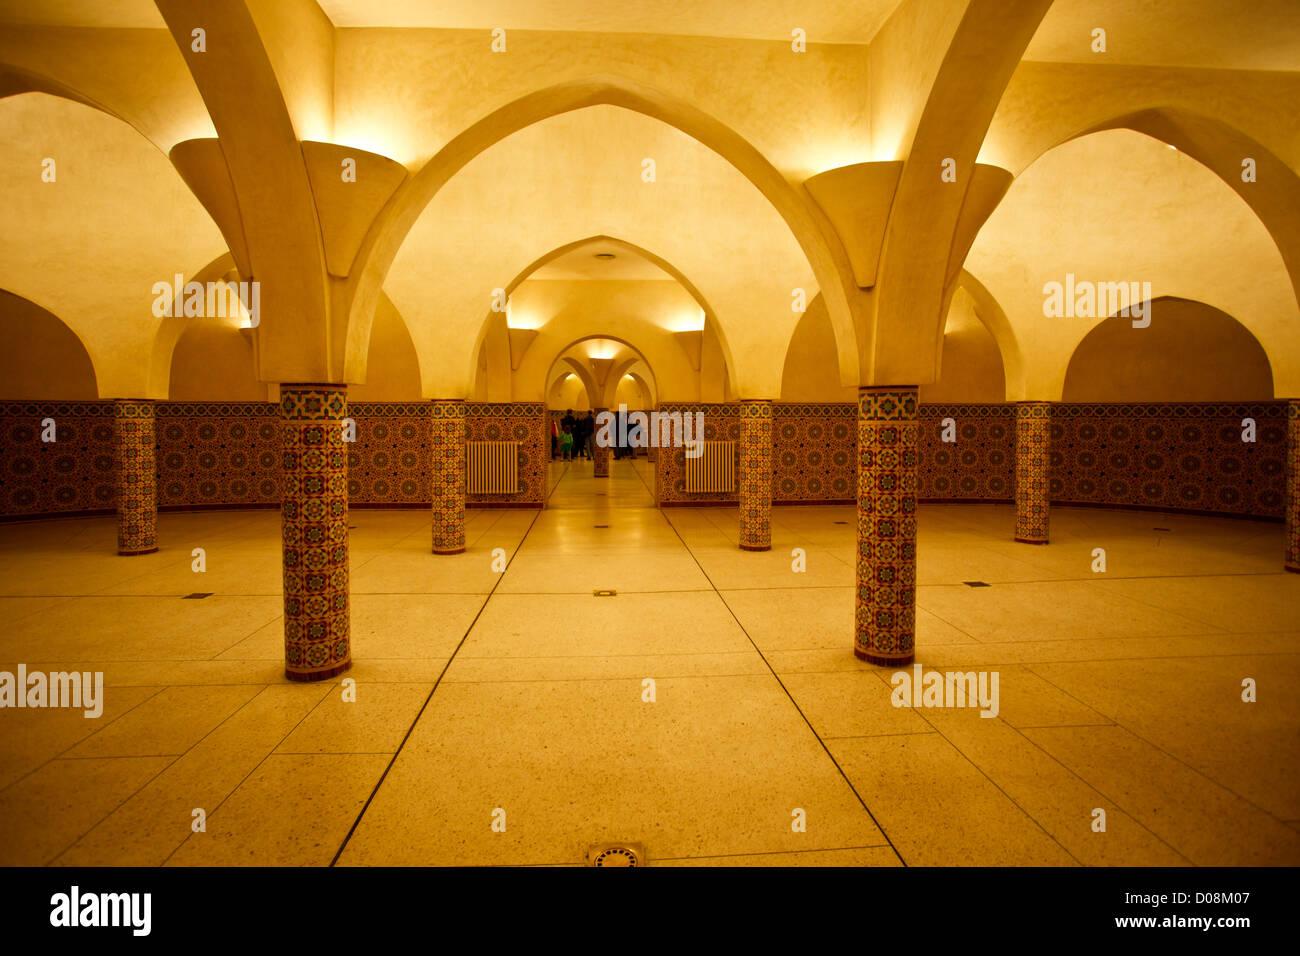 Innen beleuchteten b gen und mosaik fliesen von hamam t rkisches bad in der moschee hassan ii in - Bad fliesen turkis ...